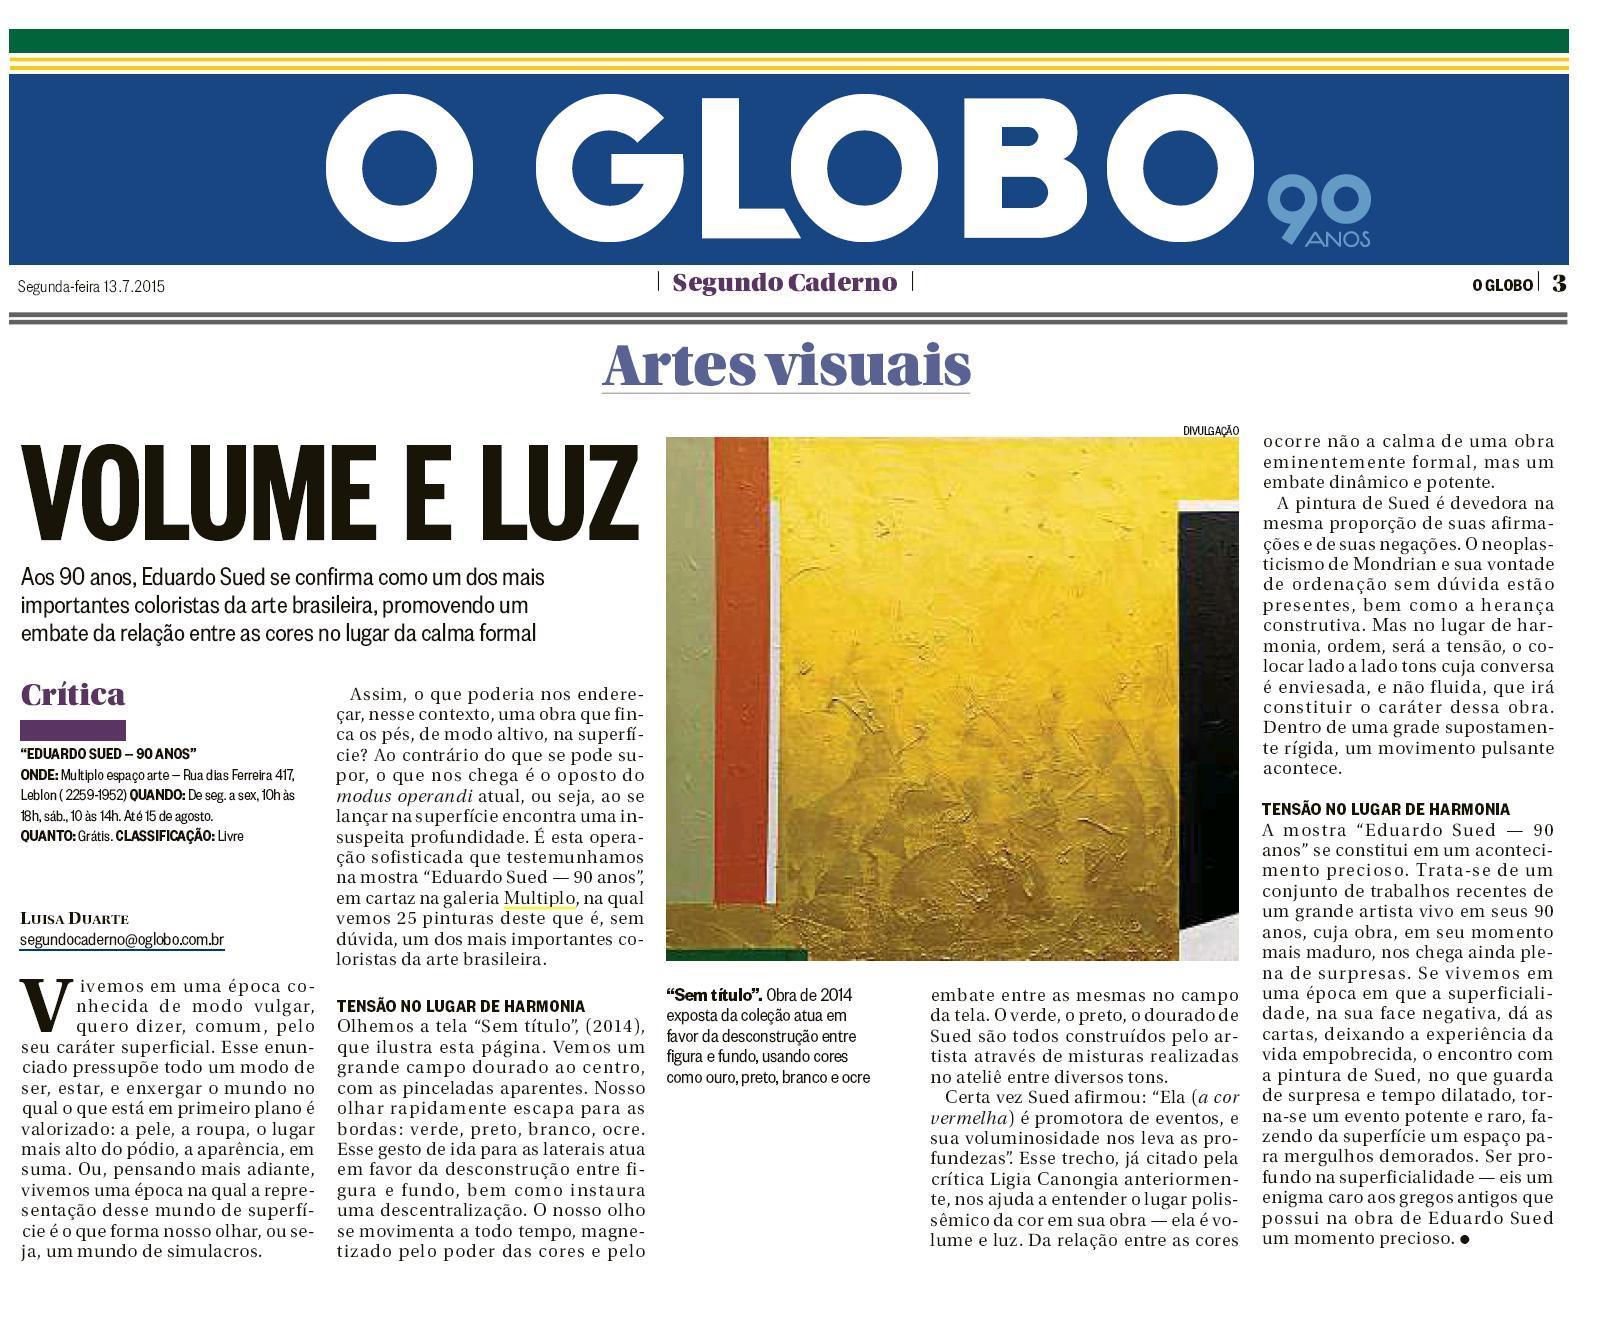 MUL.TI.PLO ESPAÇO ARTE NO GLOBO - SEGUNDO CADERNO 13-07.JPG